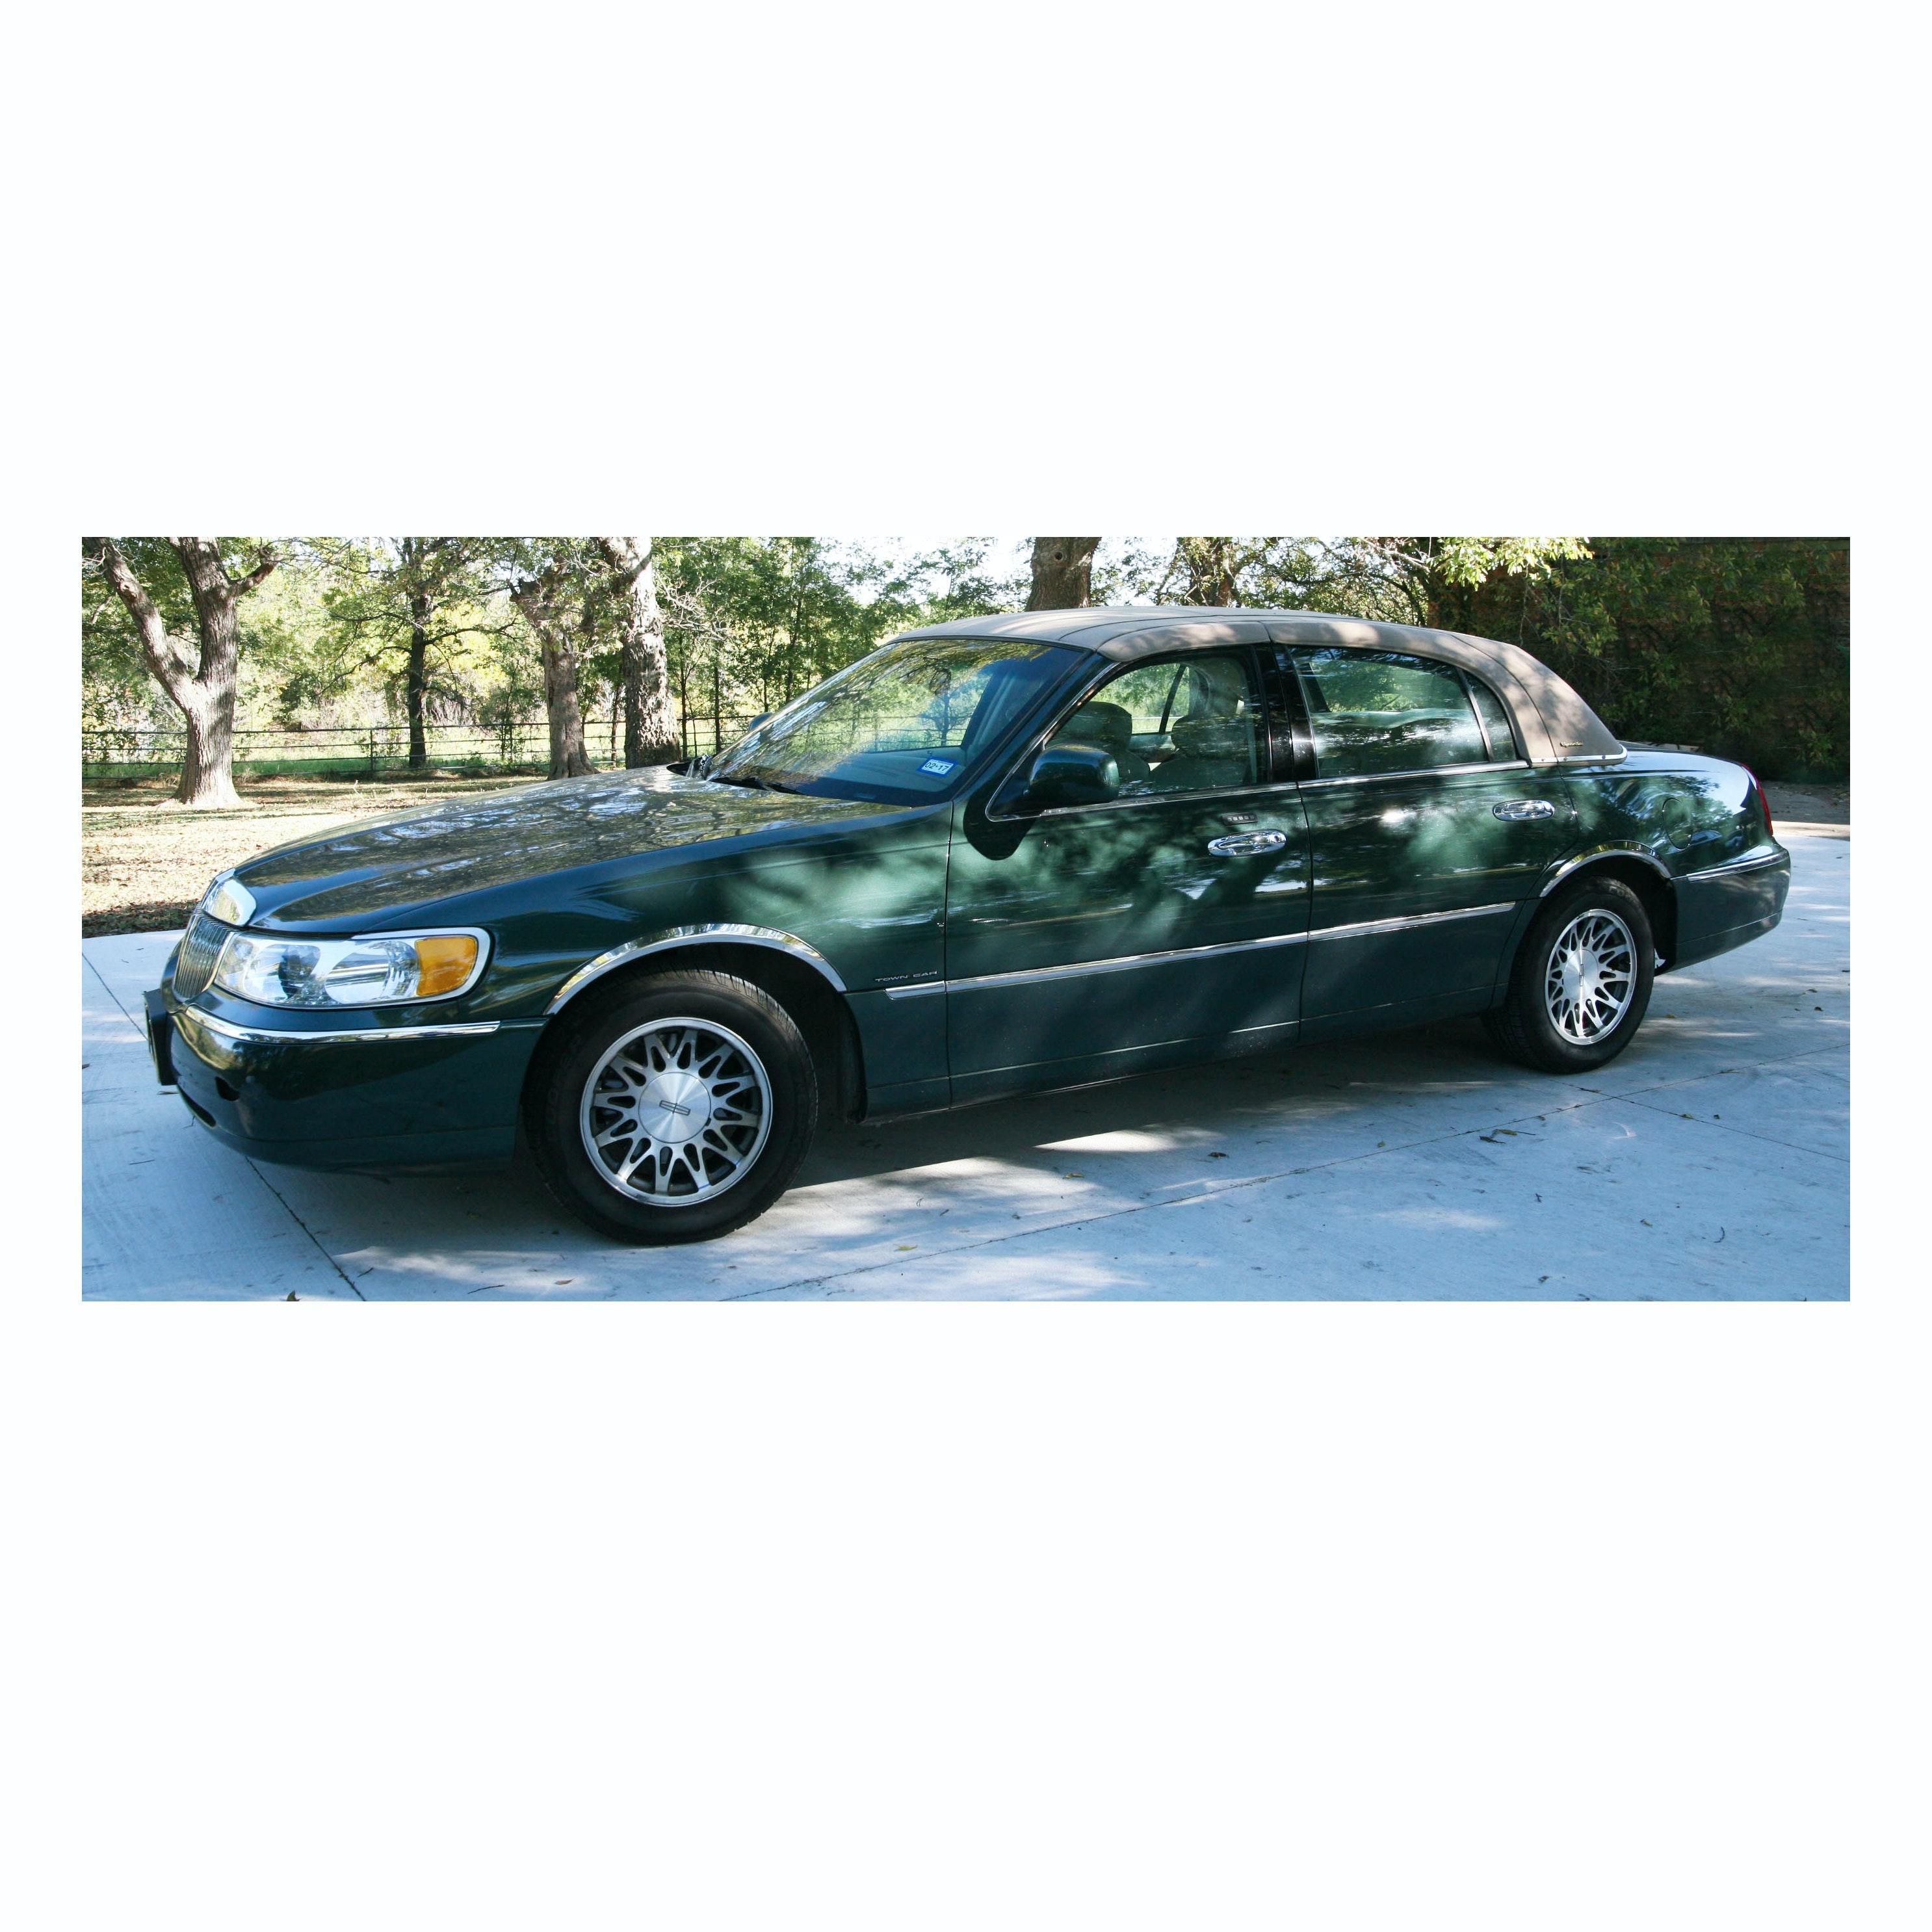 2001 Lincoln Town Car Signature Series Ebth